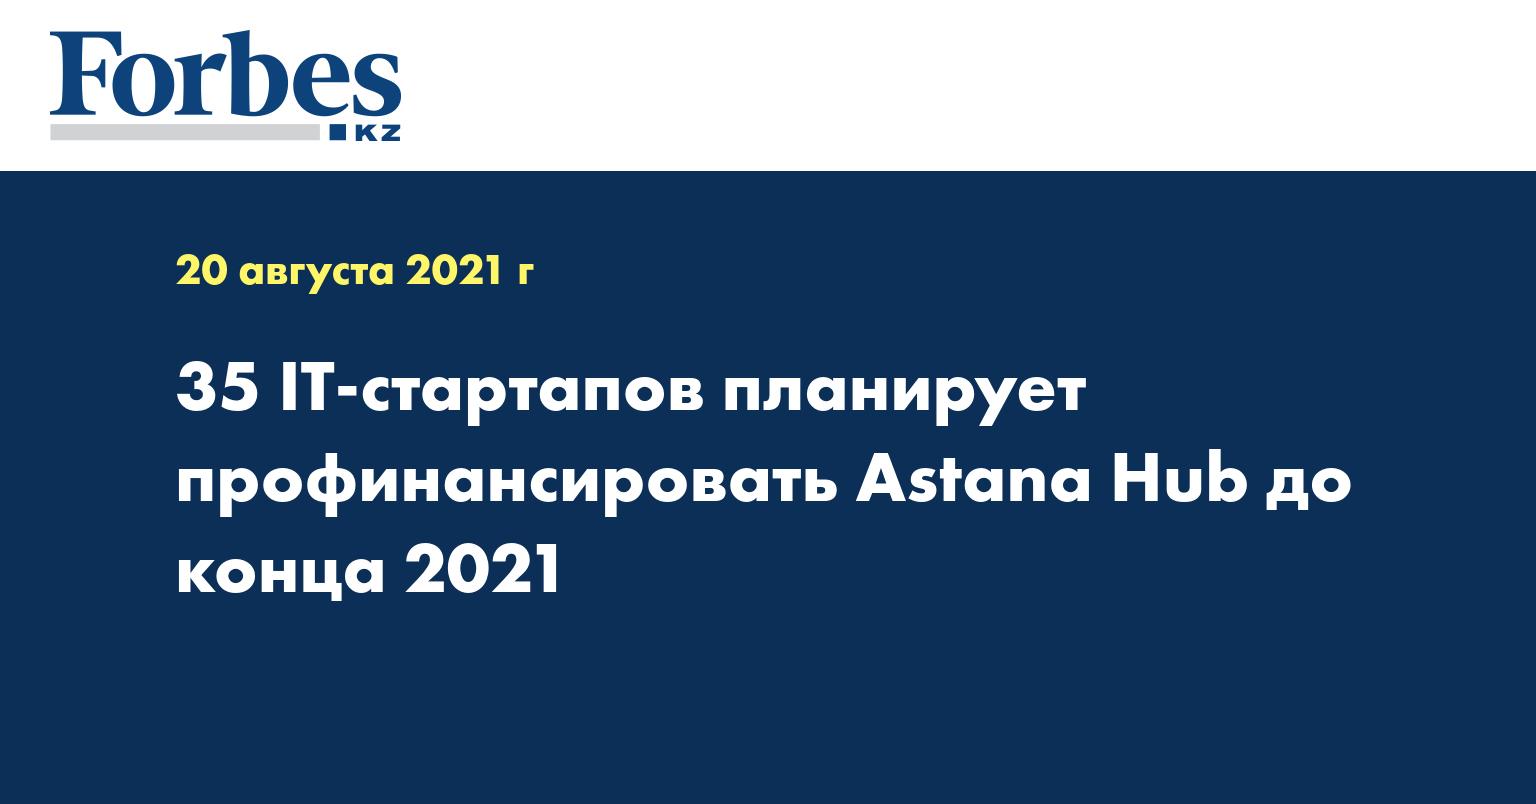 35 IТ-стартапов планирует профинансировать Astana Hub до конца 2021